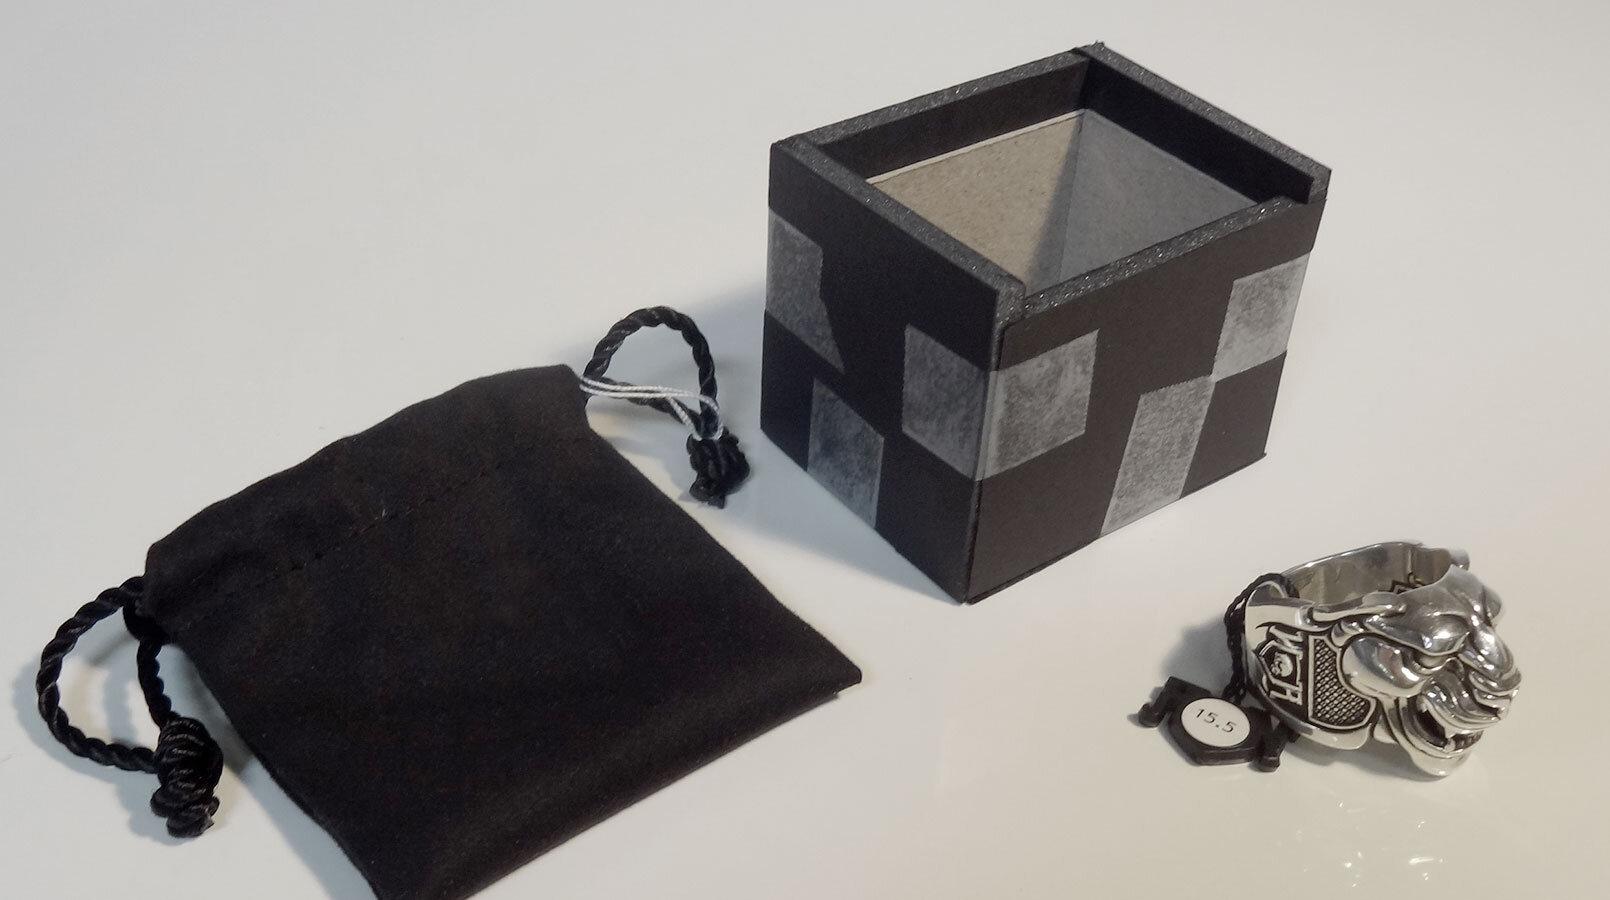 夜间骑士珠宝盒包装 - 公司设计-1.jpg